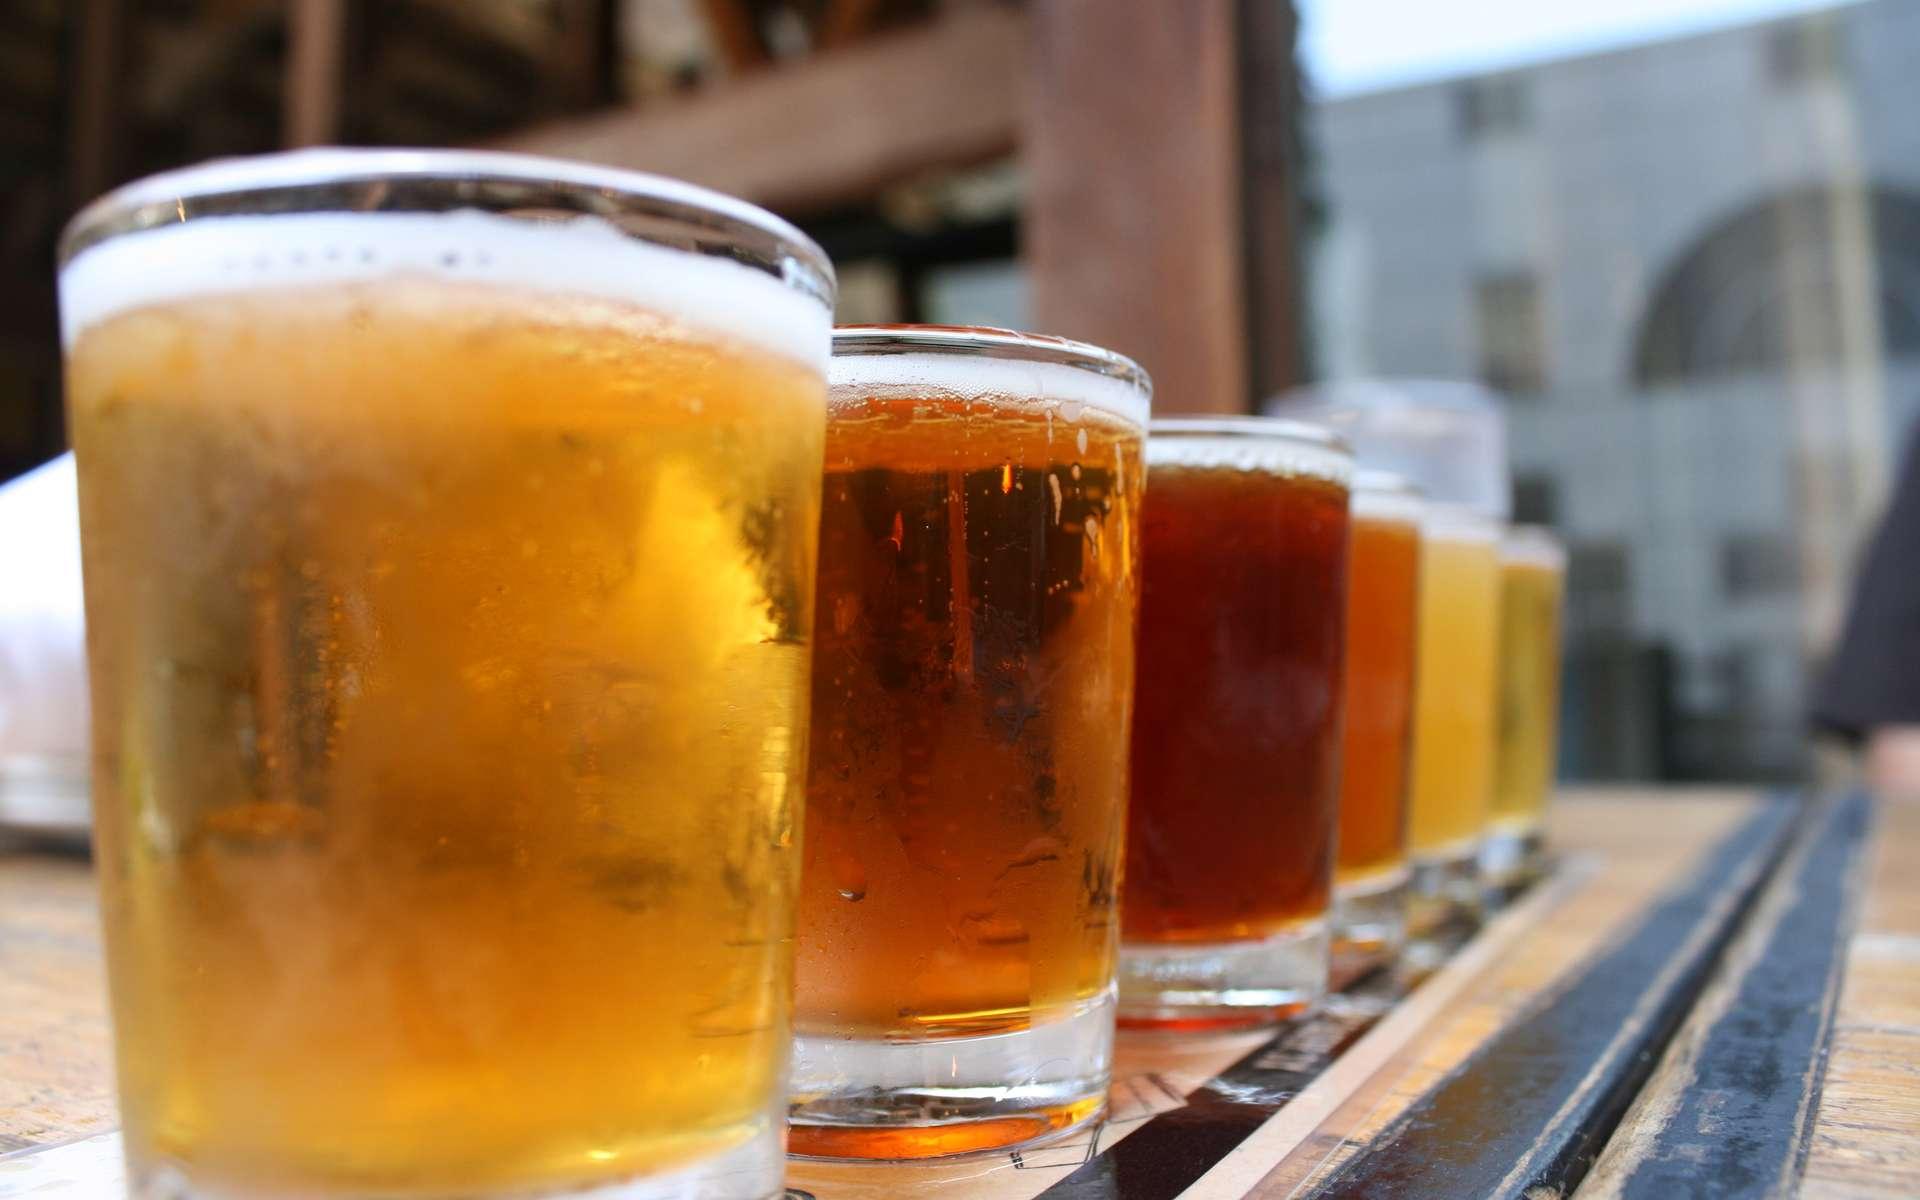 Bières artisanales Franche-Comté - Brasserie de Sochaux